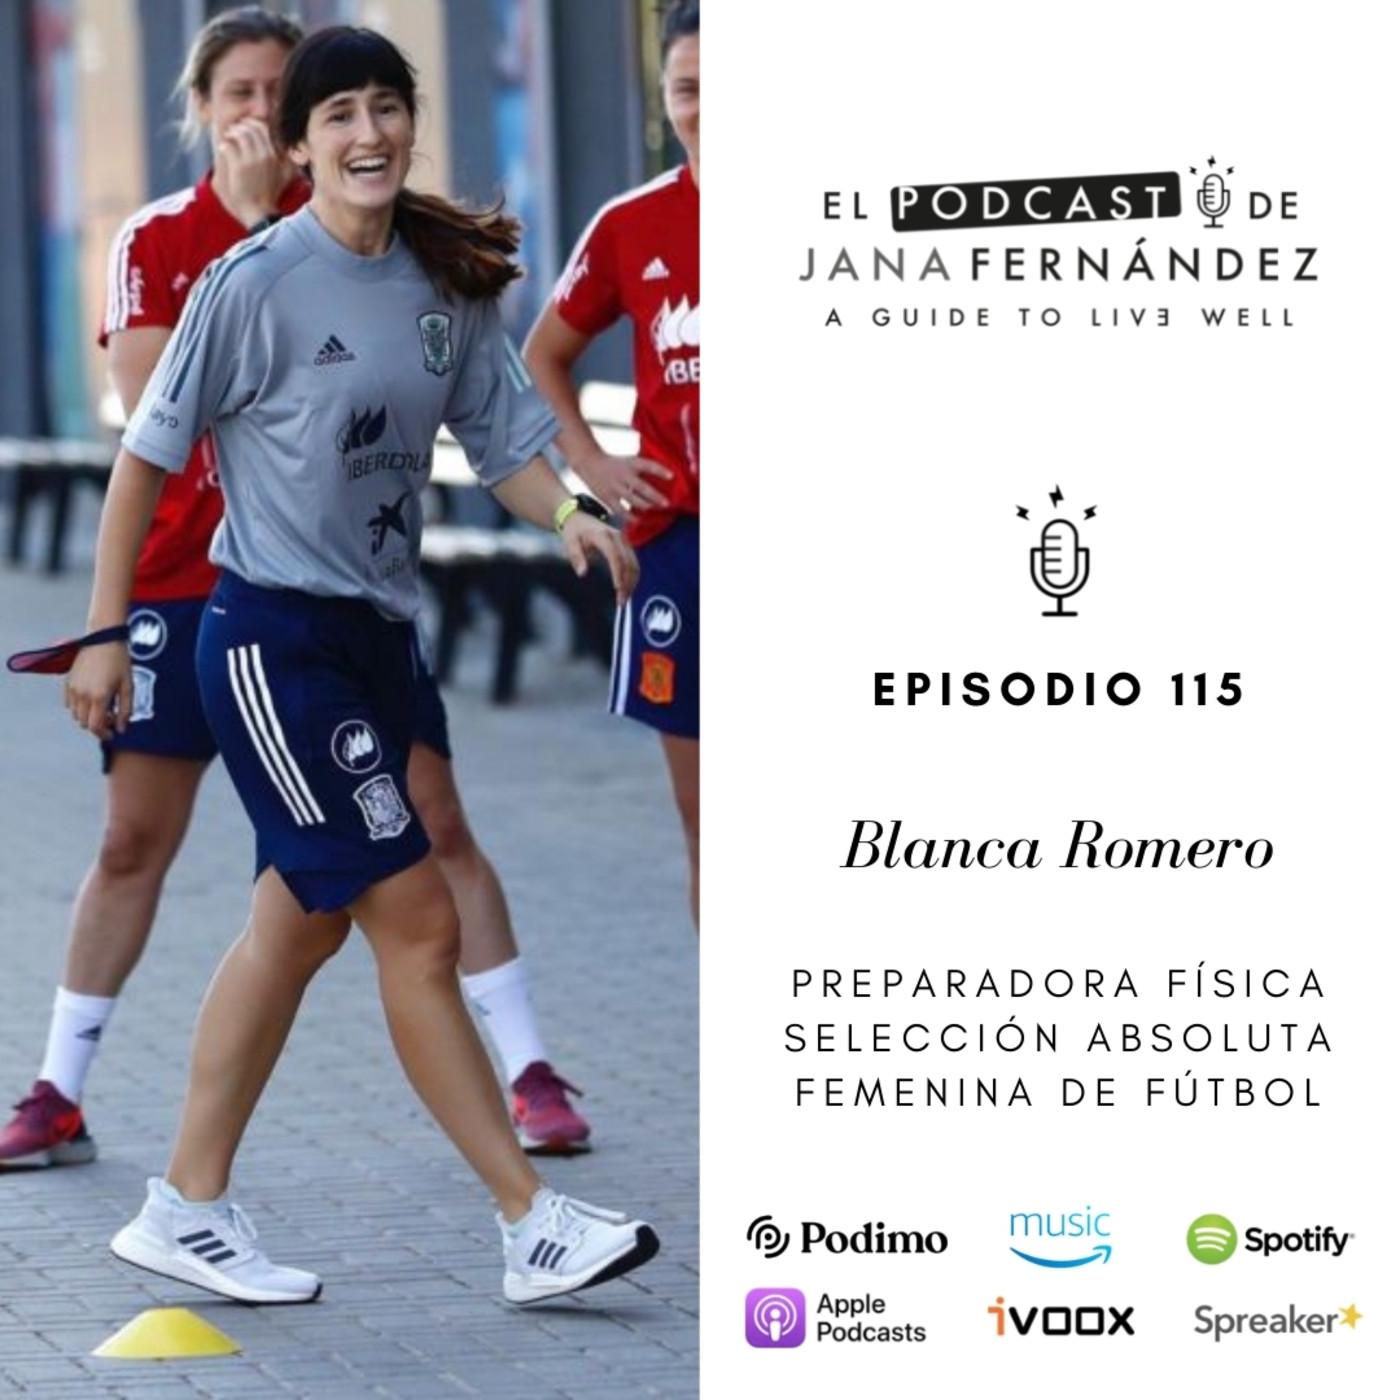 Ciclo menstrual y rendimiento deportivo, ¿qué dice la ciencia?, con Blanca Romero